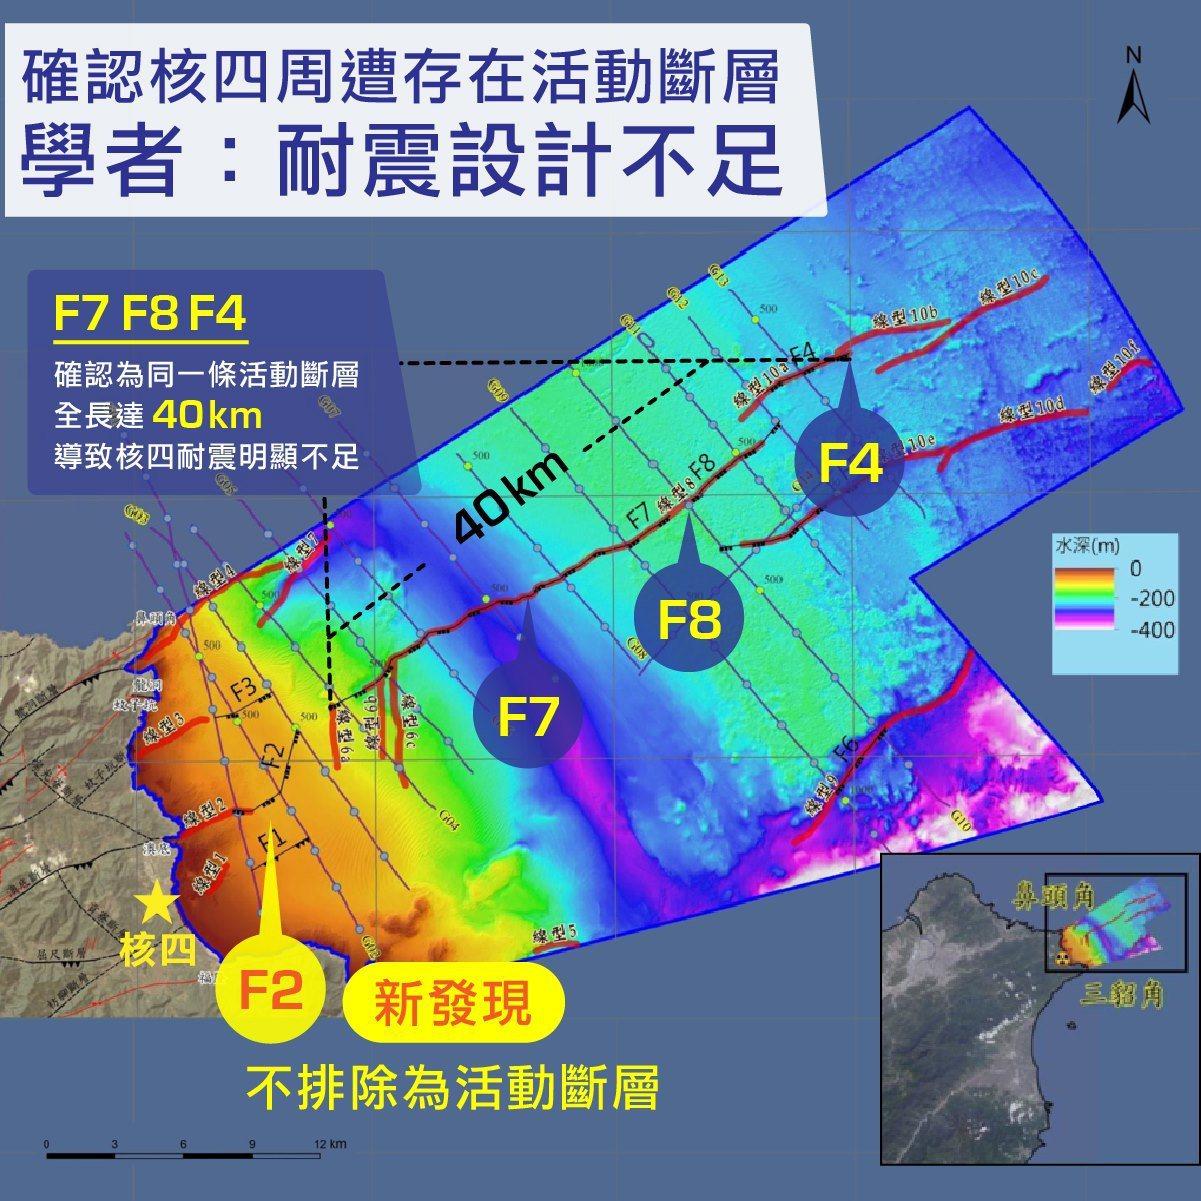 中央地質調查所研究,核四海域內有活動斷層。圖/全國廢核行動平台提供